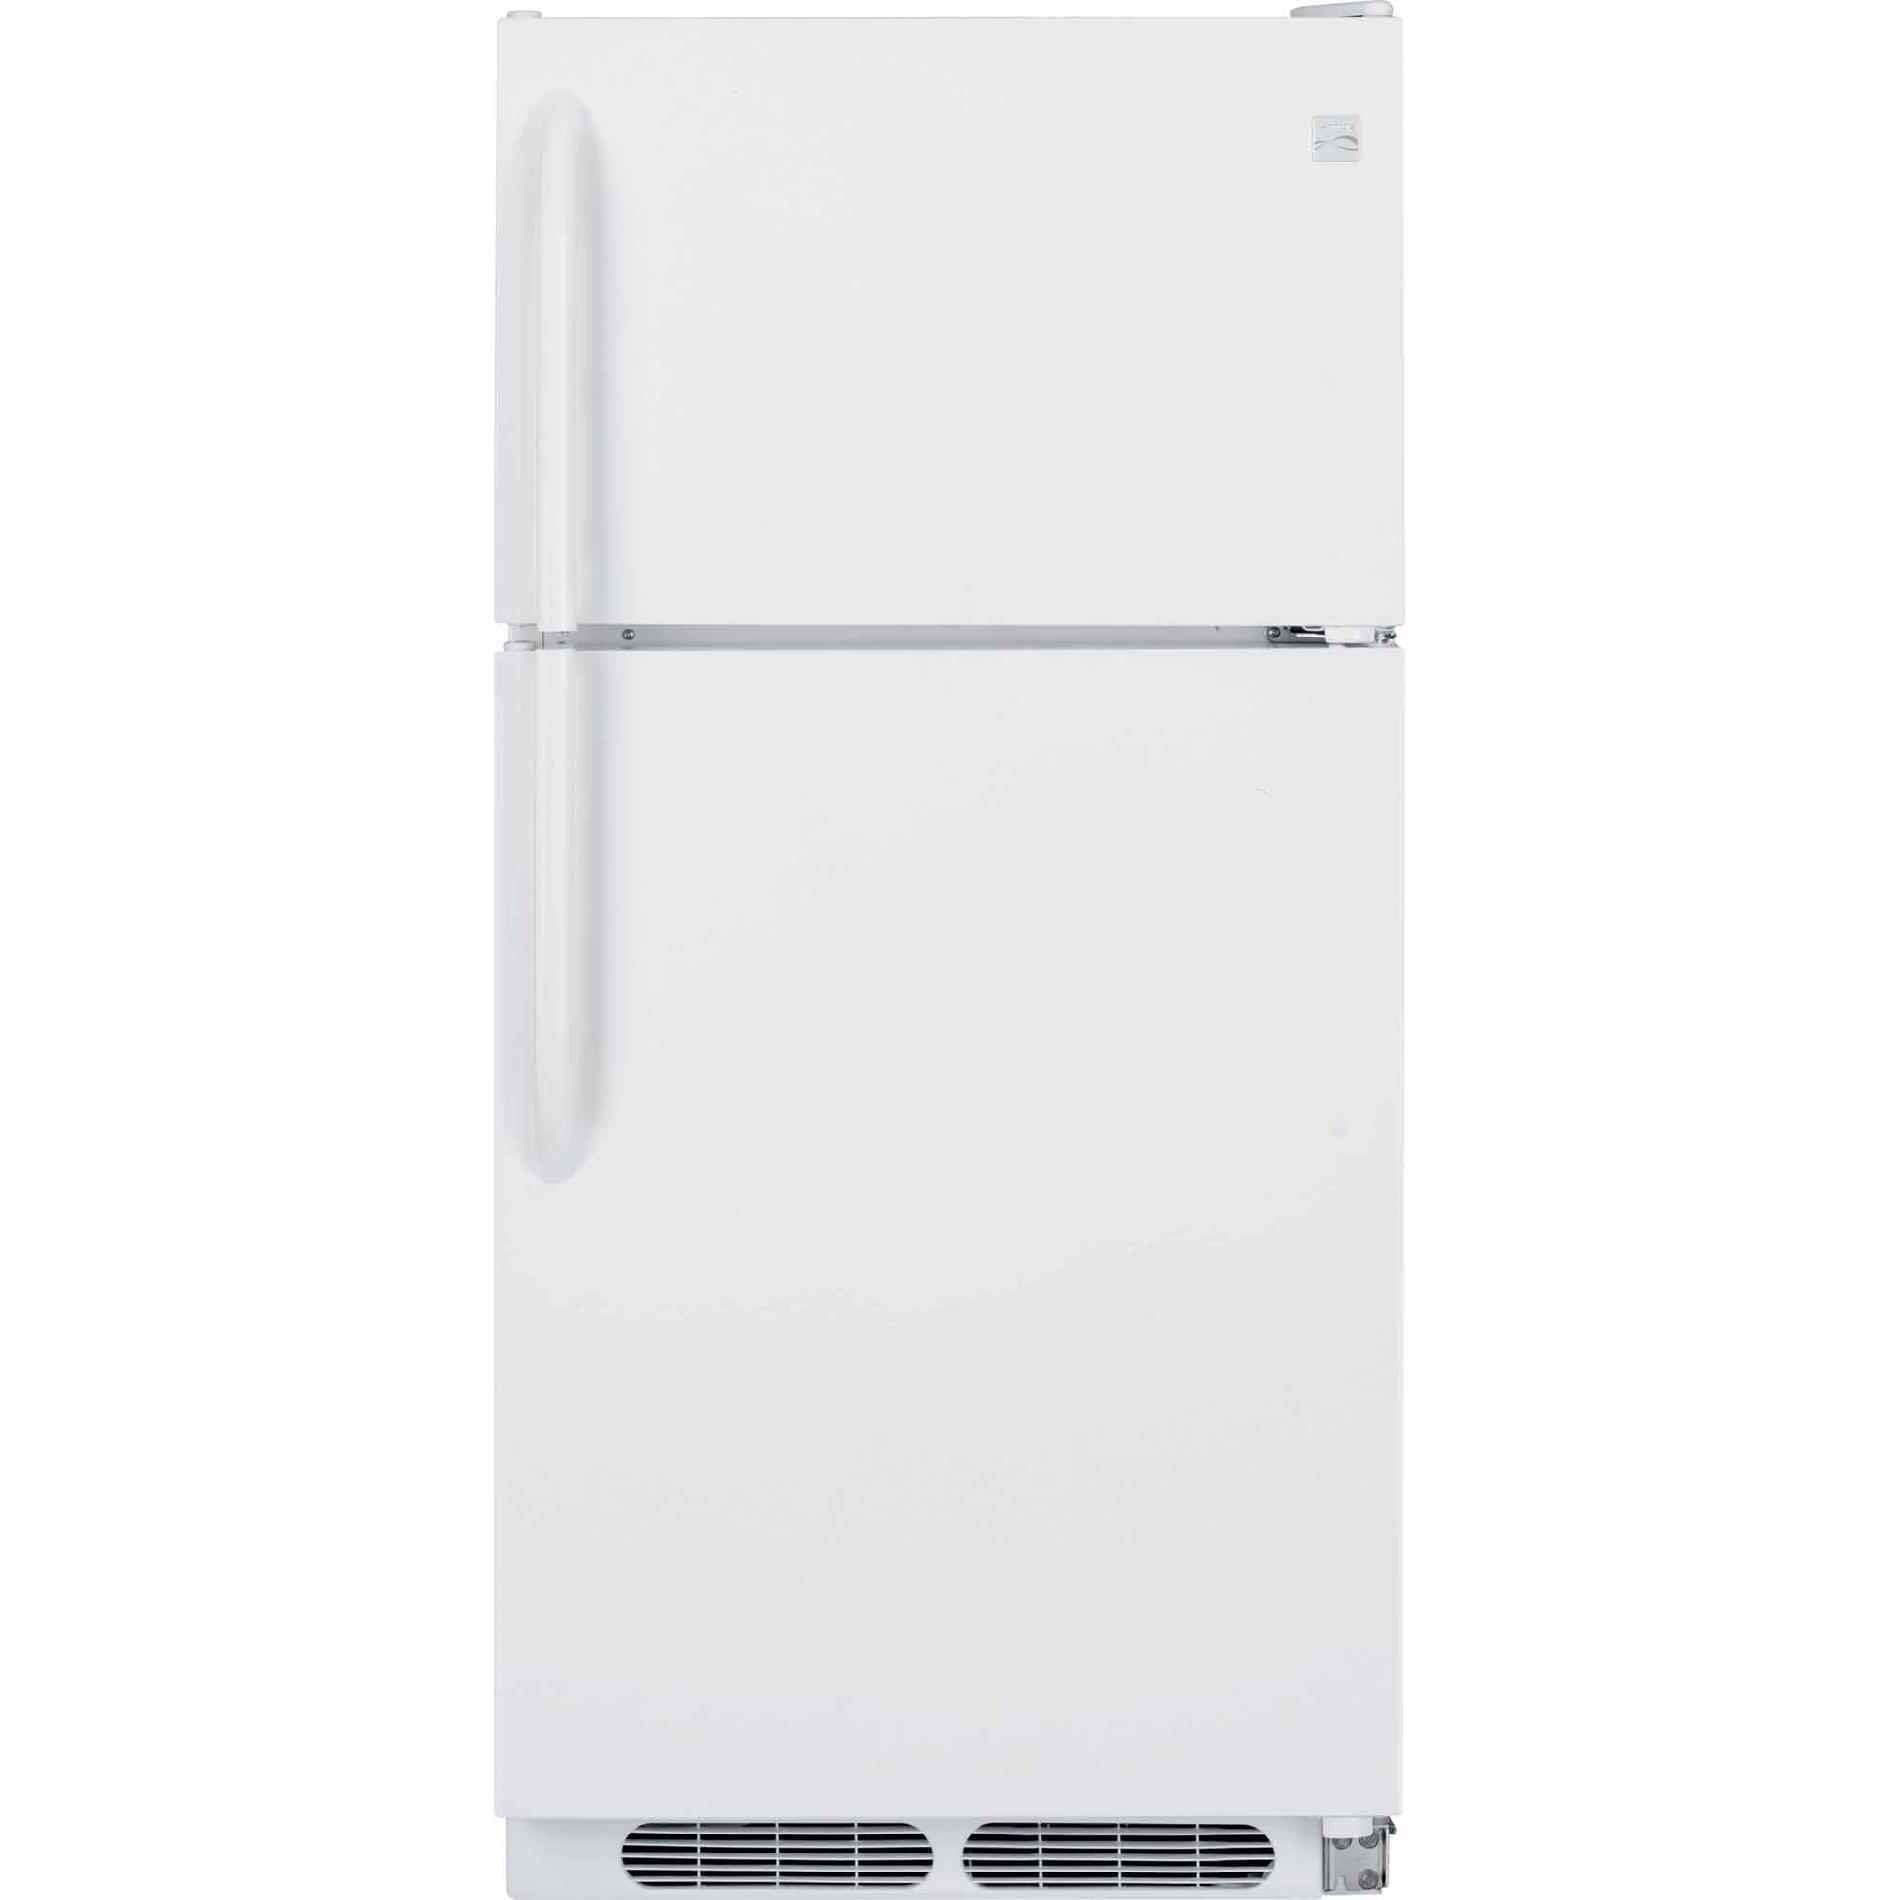 Kenmore 60302  14.8 cu. ft. Top-Freezer Refrigerator - White PartNumber: 04660302000P KsnValue: 04660302000 MfgPartNumber: 60302